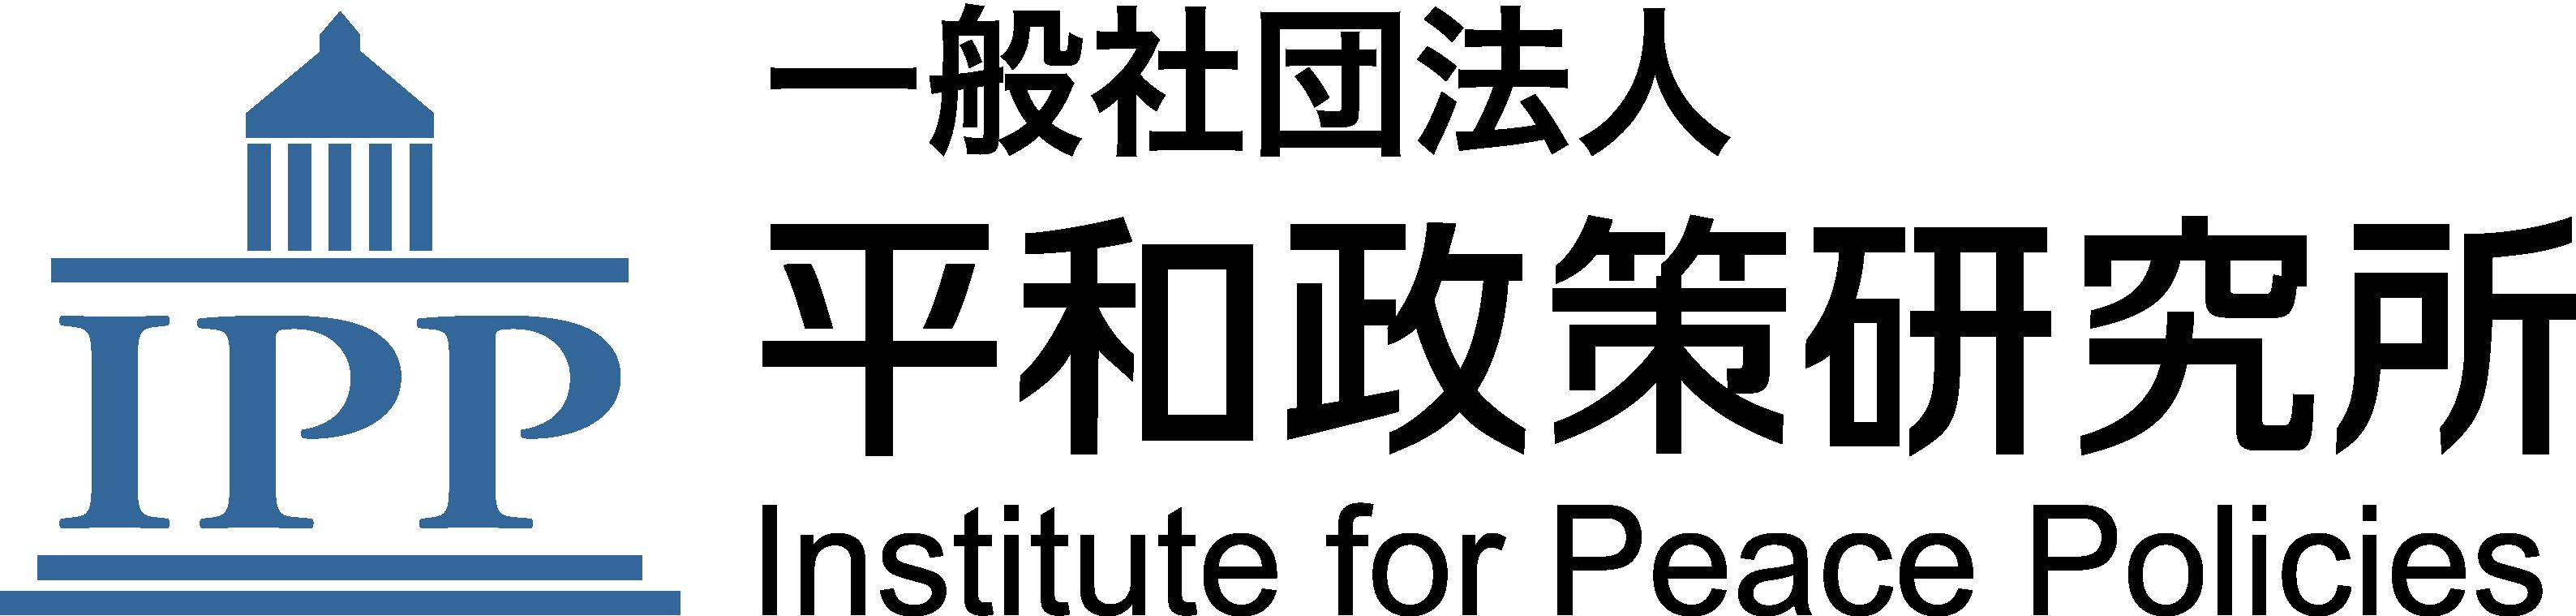 一般社団法人平和政策研究所